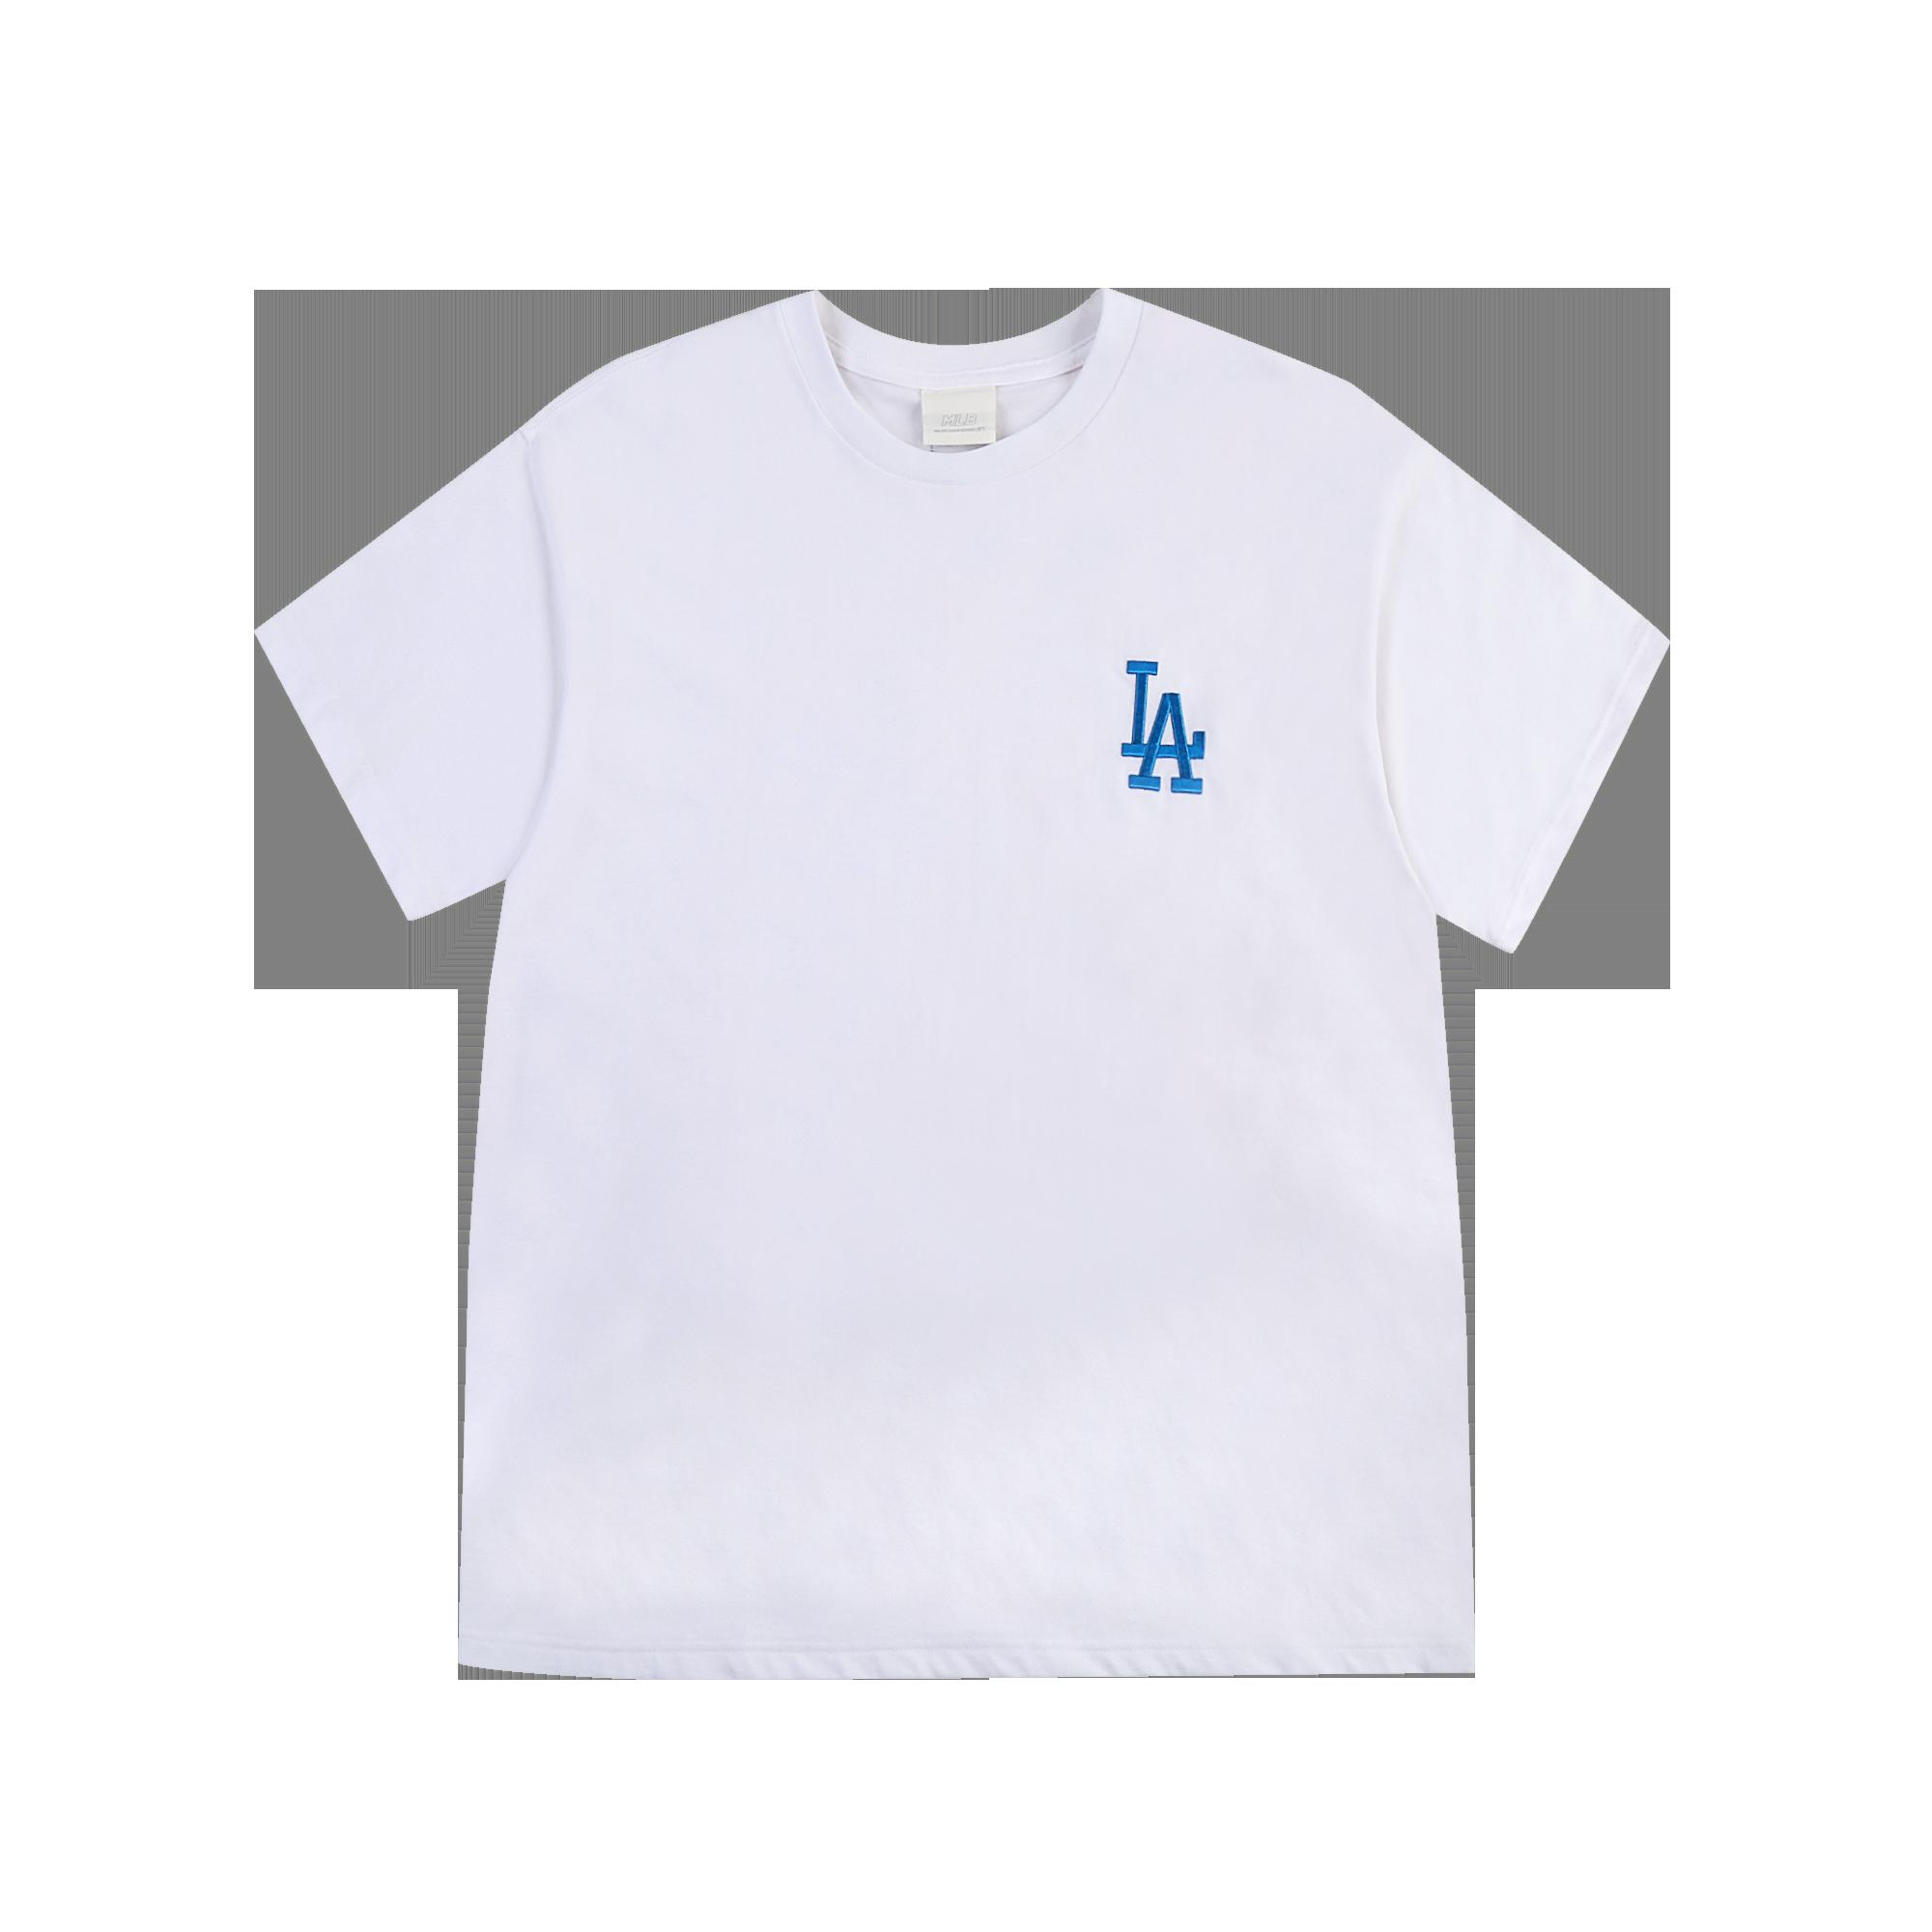 팜트리 워터컬러 오버핏 반팔 티셔츠 LA다저스